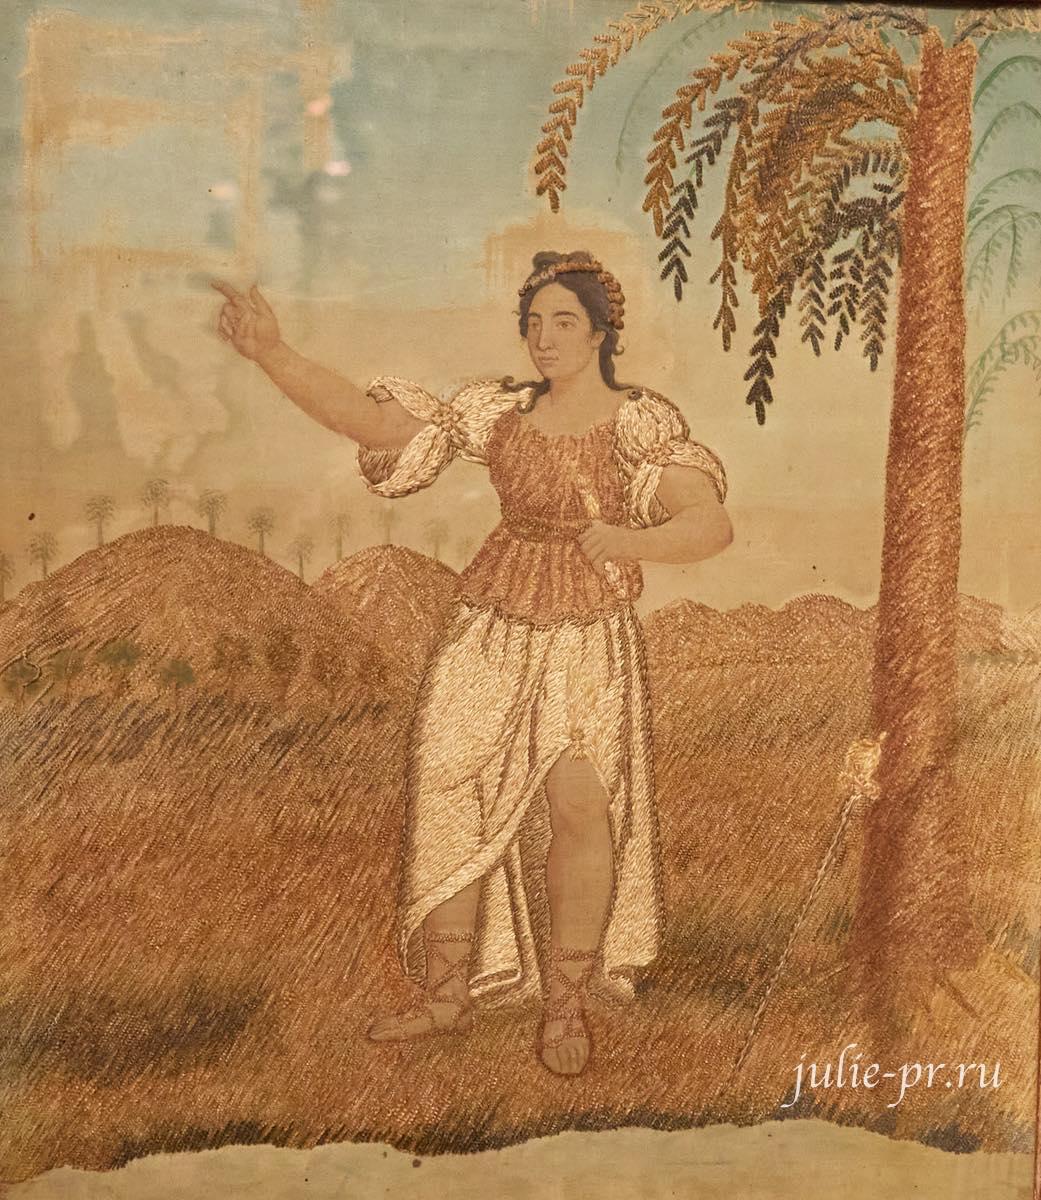 Вышивка гладью, ок. 1800 г, Франция, выставка Старинные вышивки